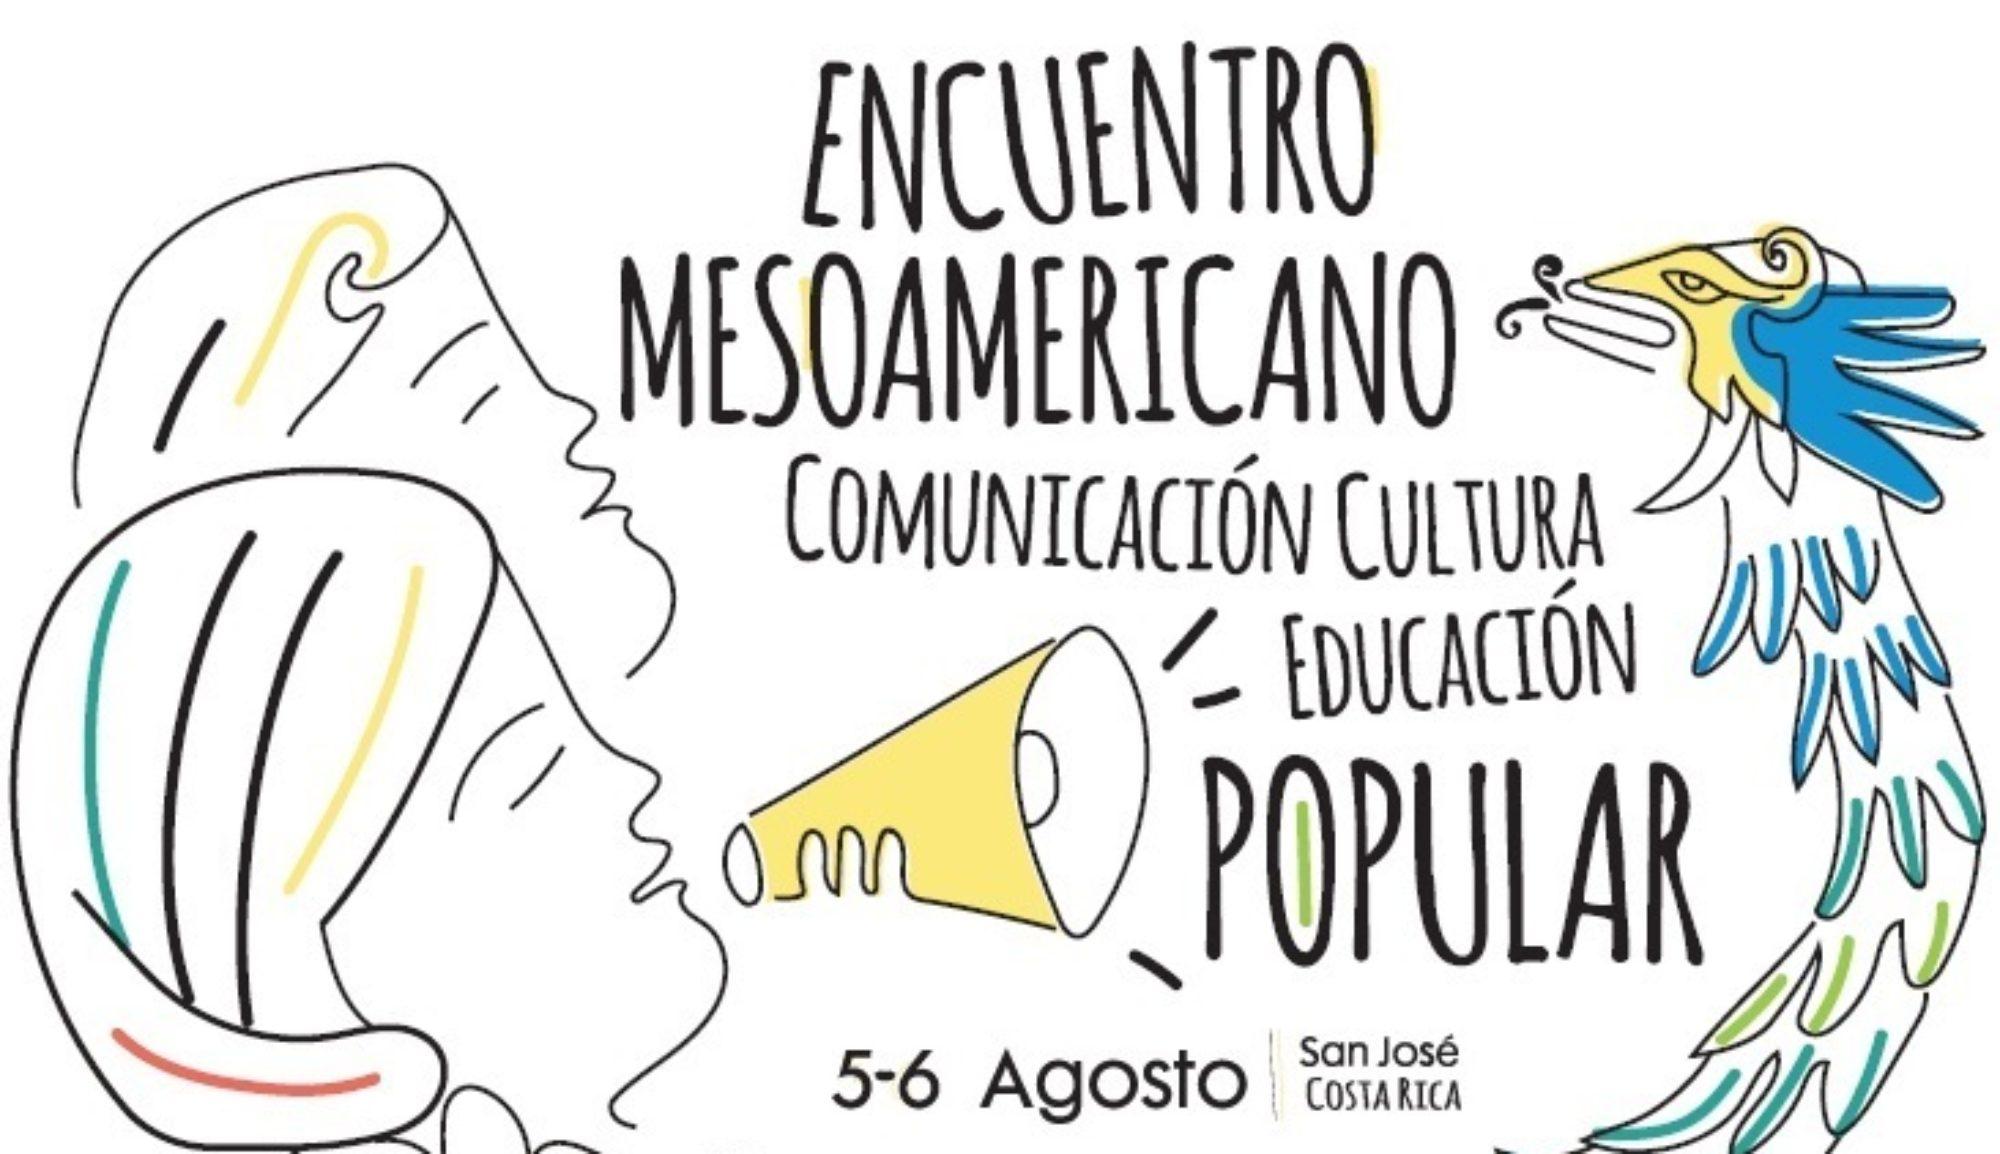 Encuentro Mesoamericano Comunicación, Cultural y Educación Popular